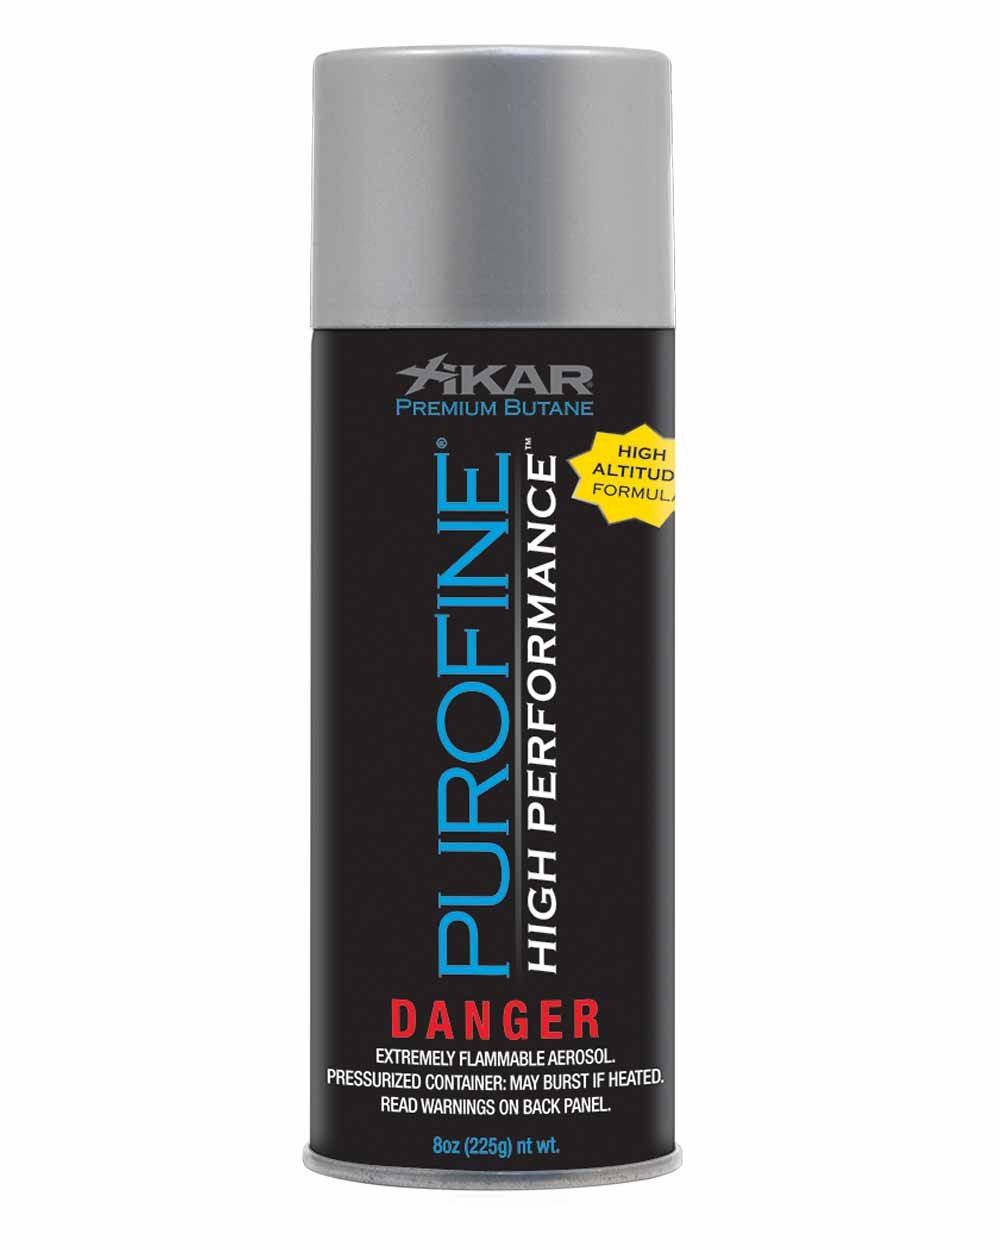 Premium Butane Lighter Fuel Refill High Performance High Altitude 225g Canister XiKAR